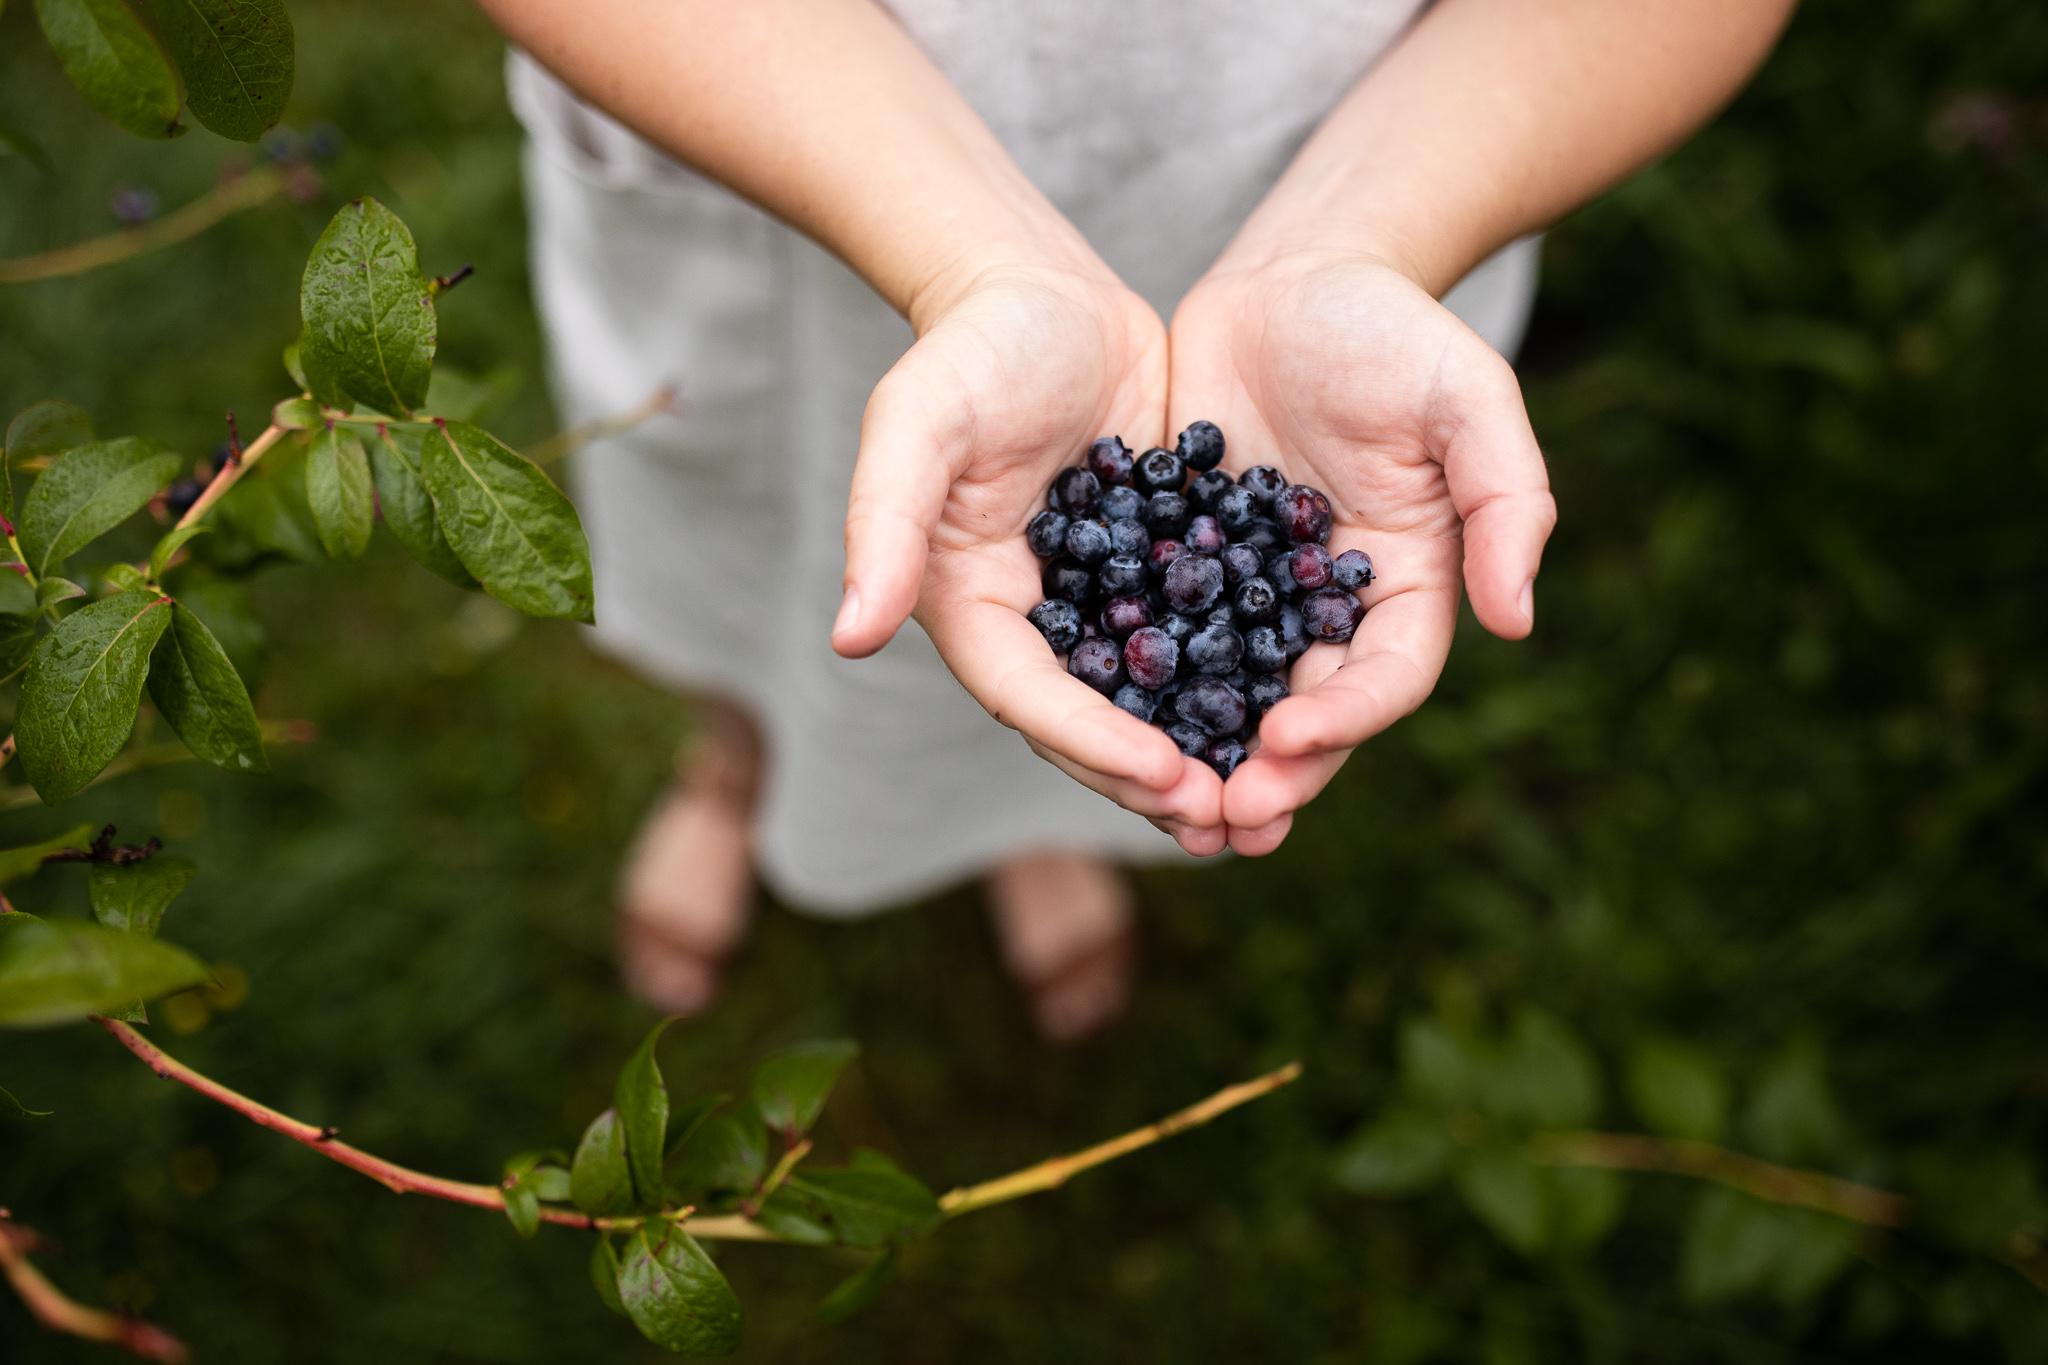 Winnow blueberries